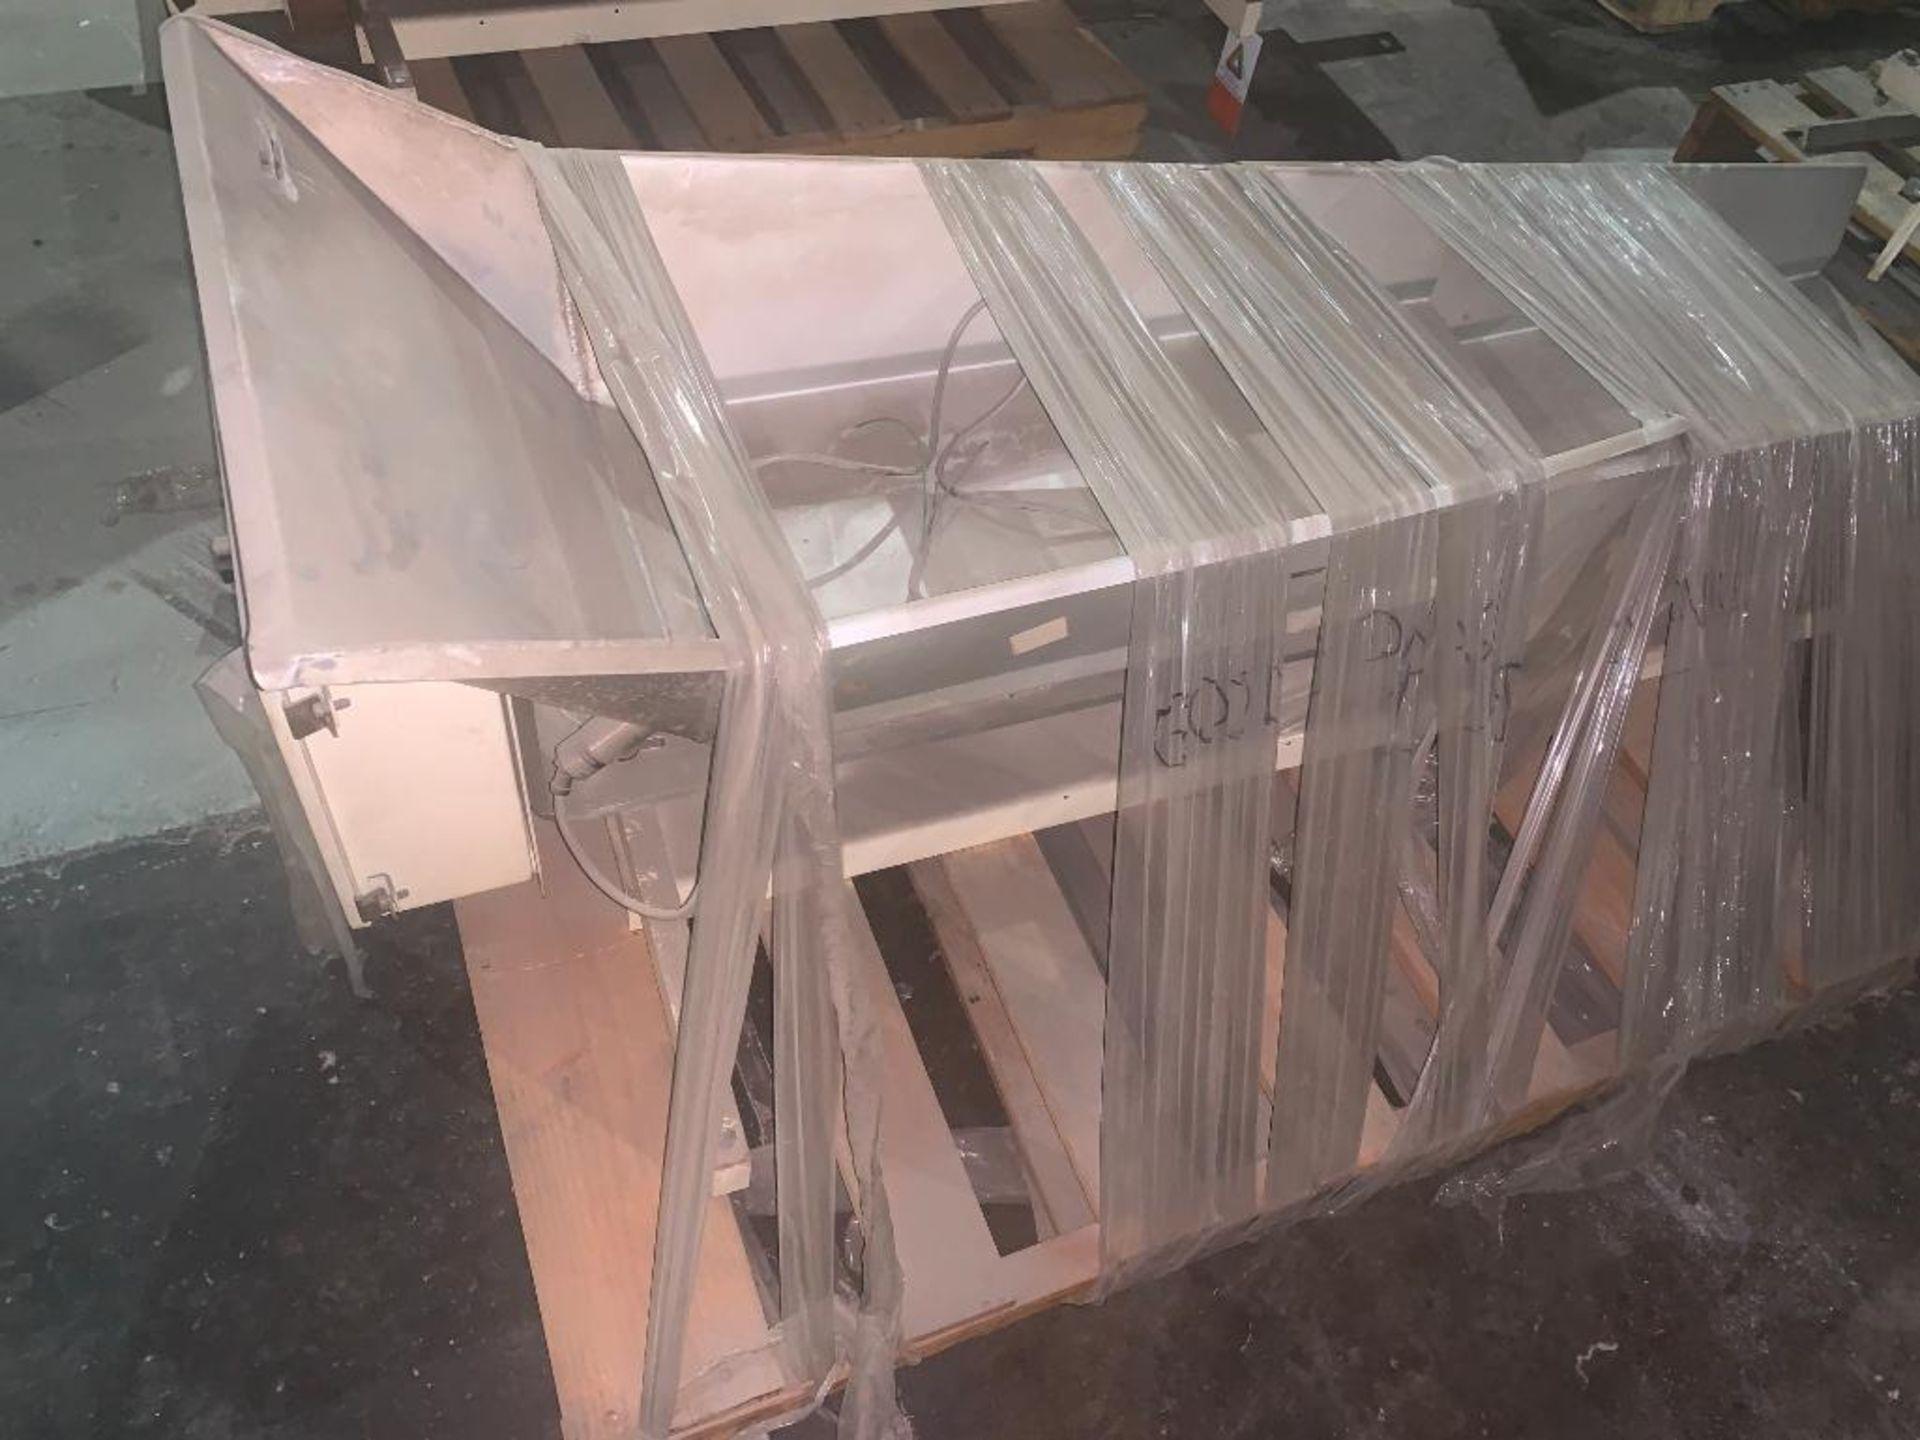 vibratory conveyor - Image 2 of 5